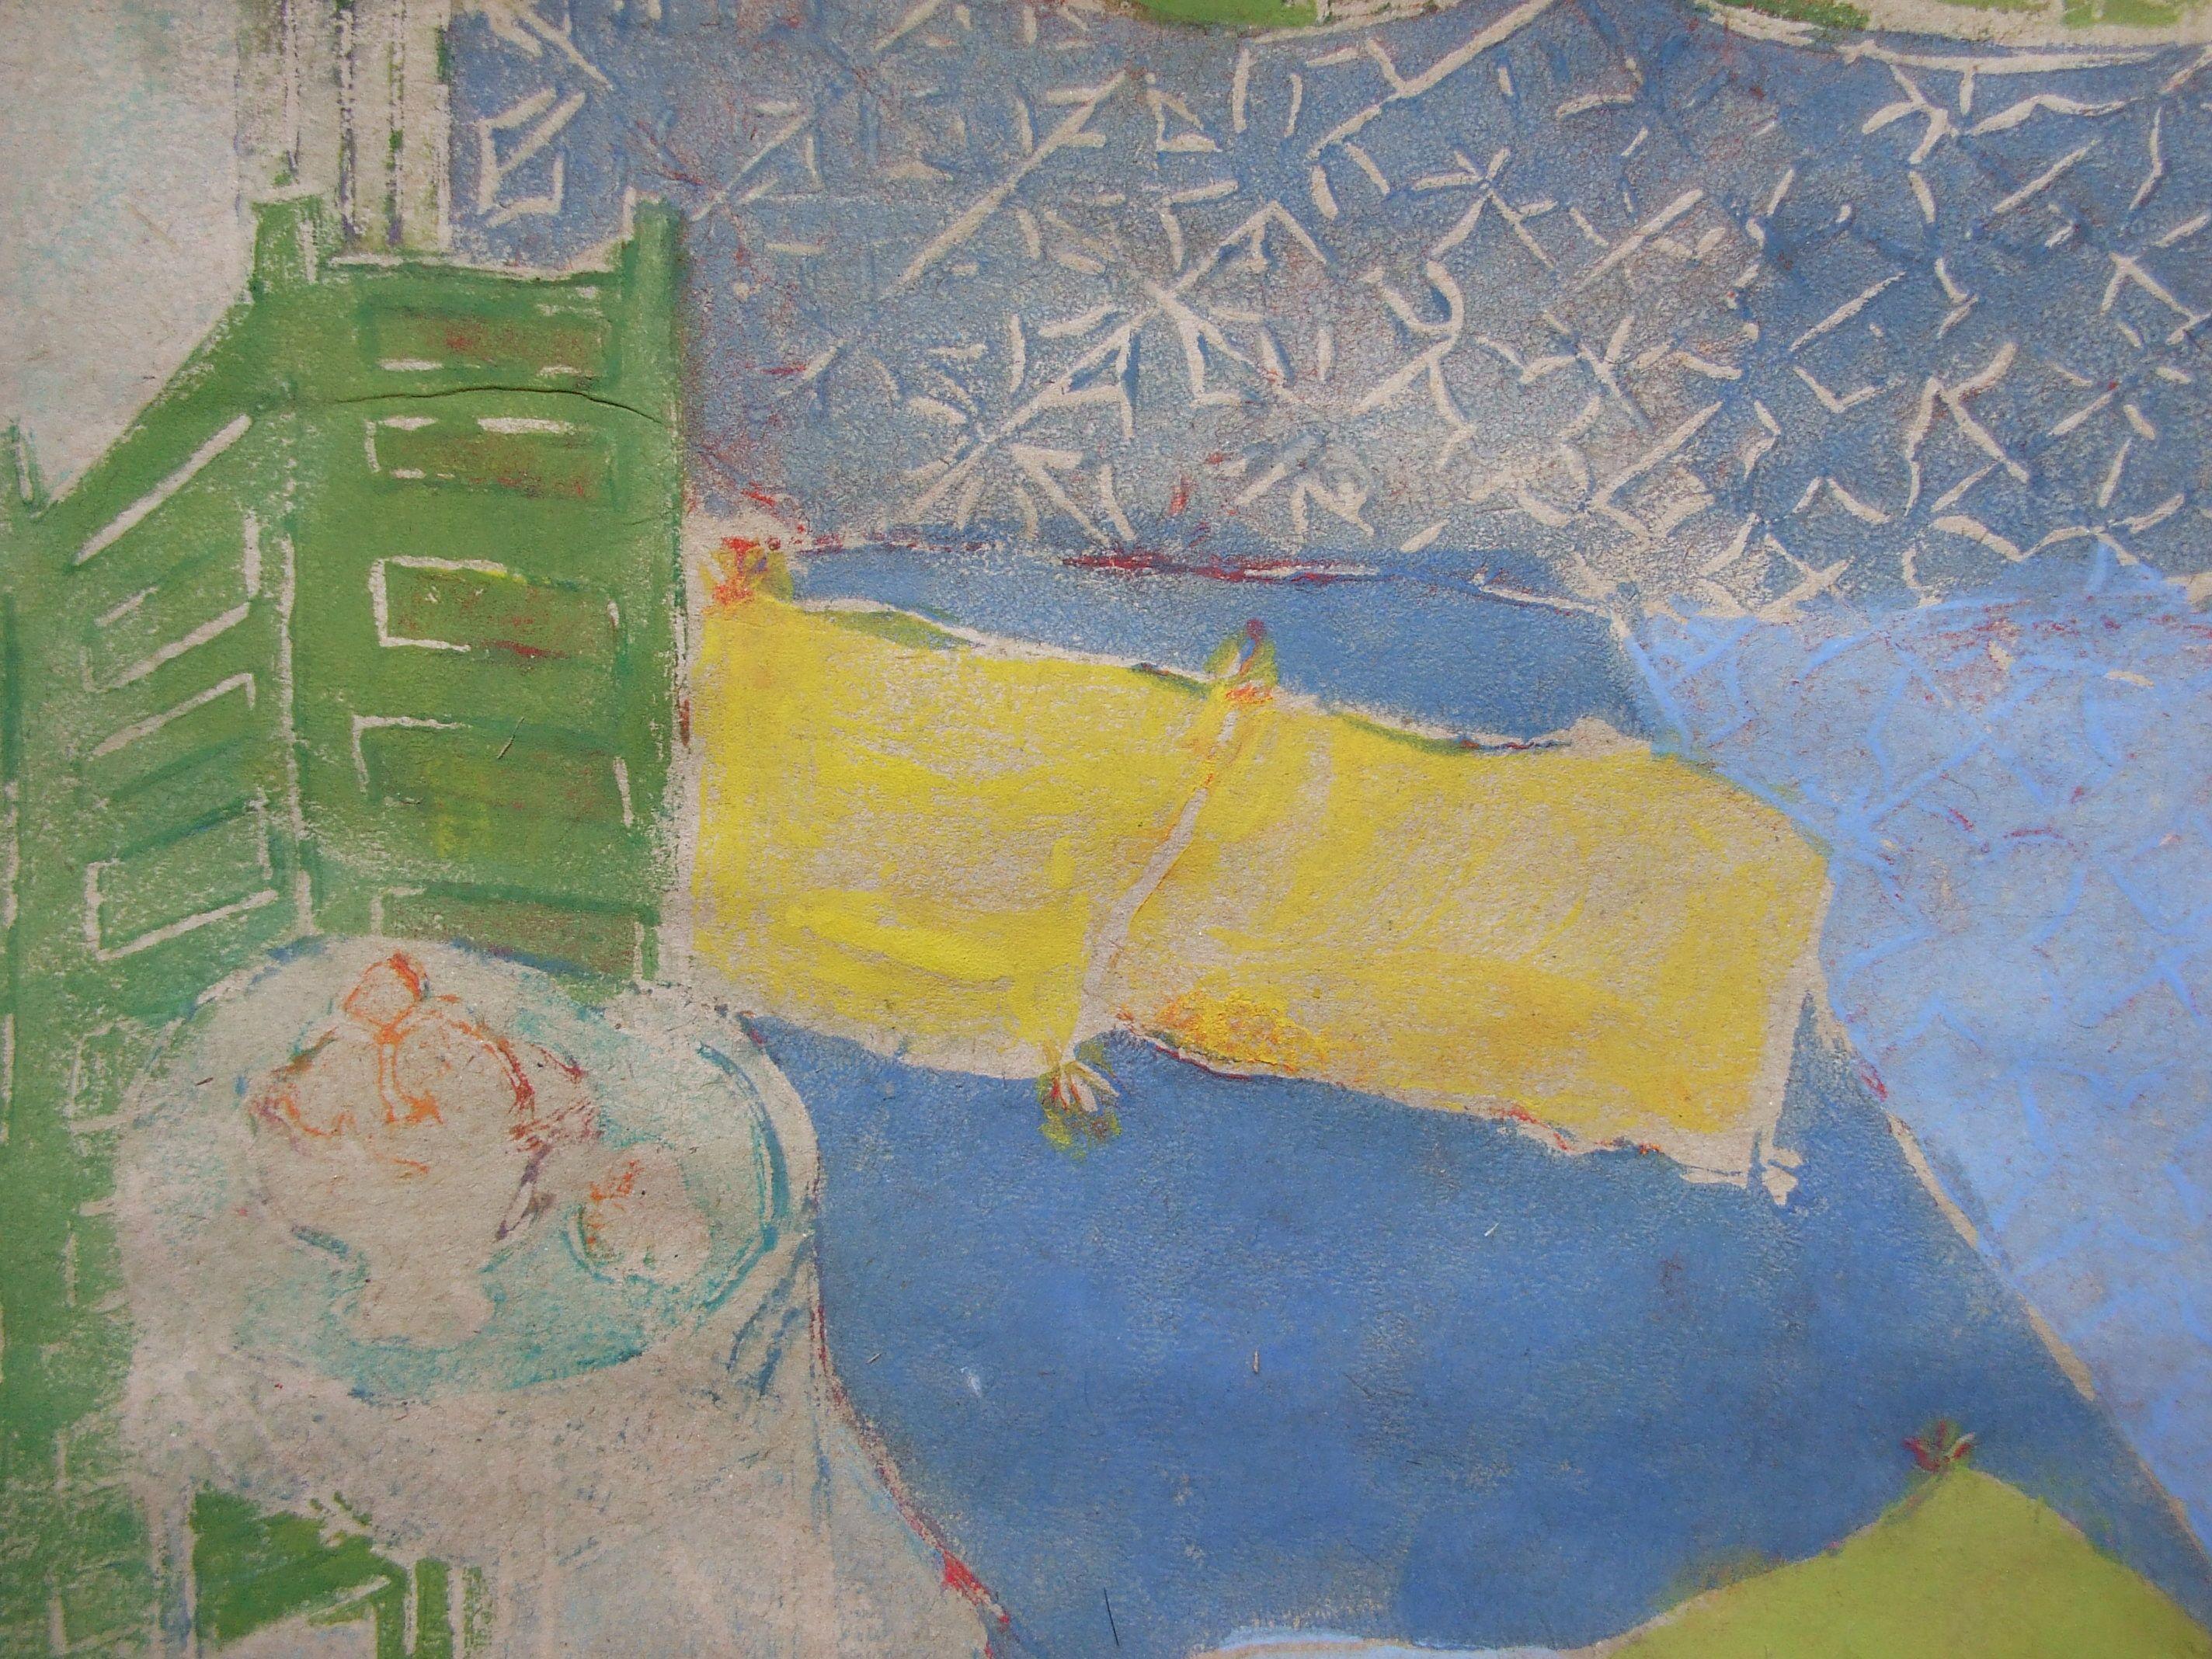 Rendez Vous Dans L Orangerie Cette Peinture Tempera Et Aquarelle Fait Partie D Un Ensemble Expose De Vingt Rendez Vous Peints Peinture Peintre Peindre